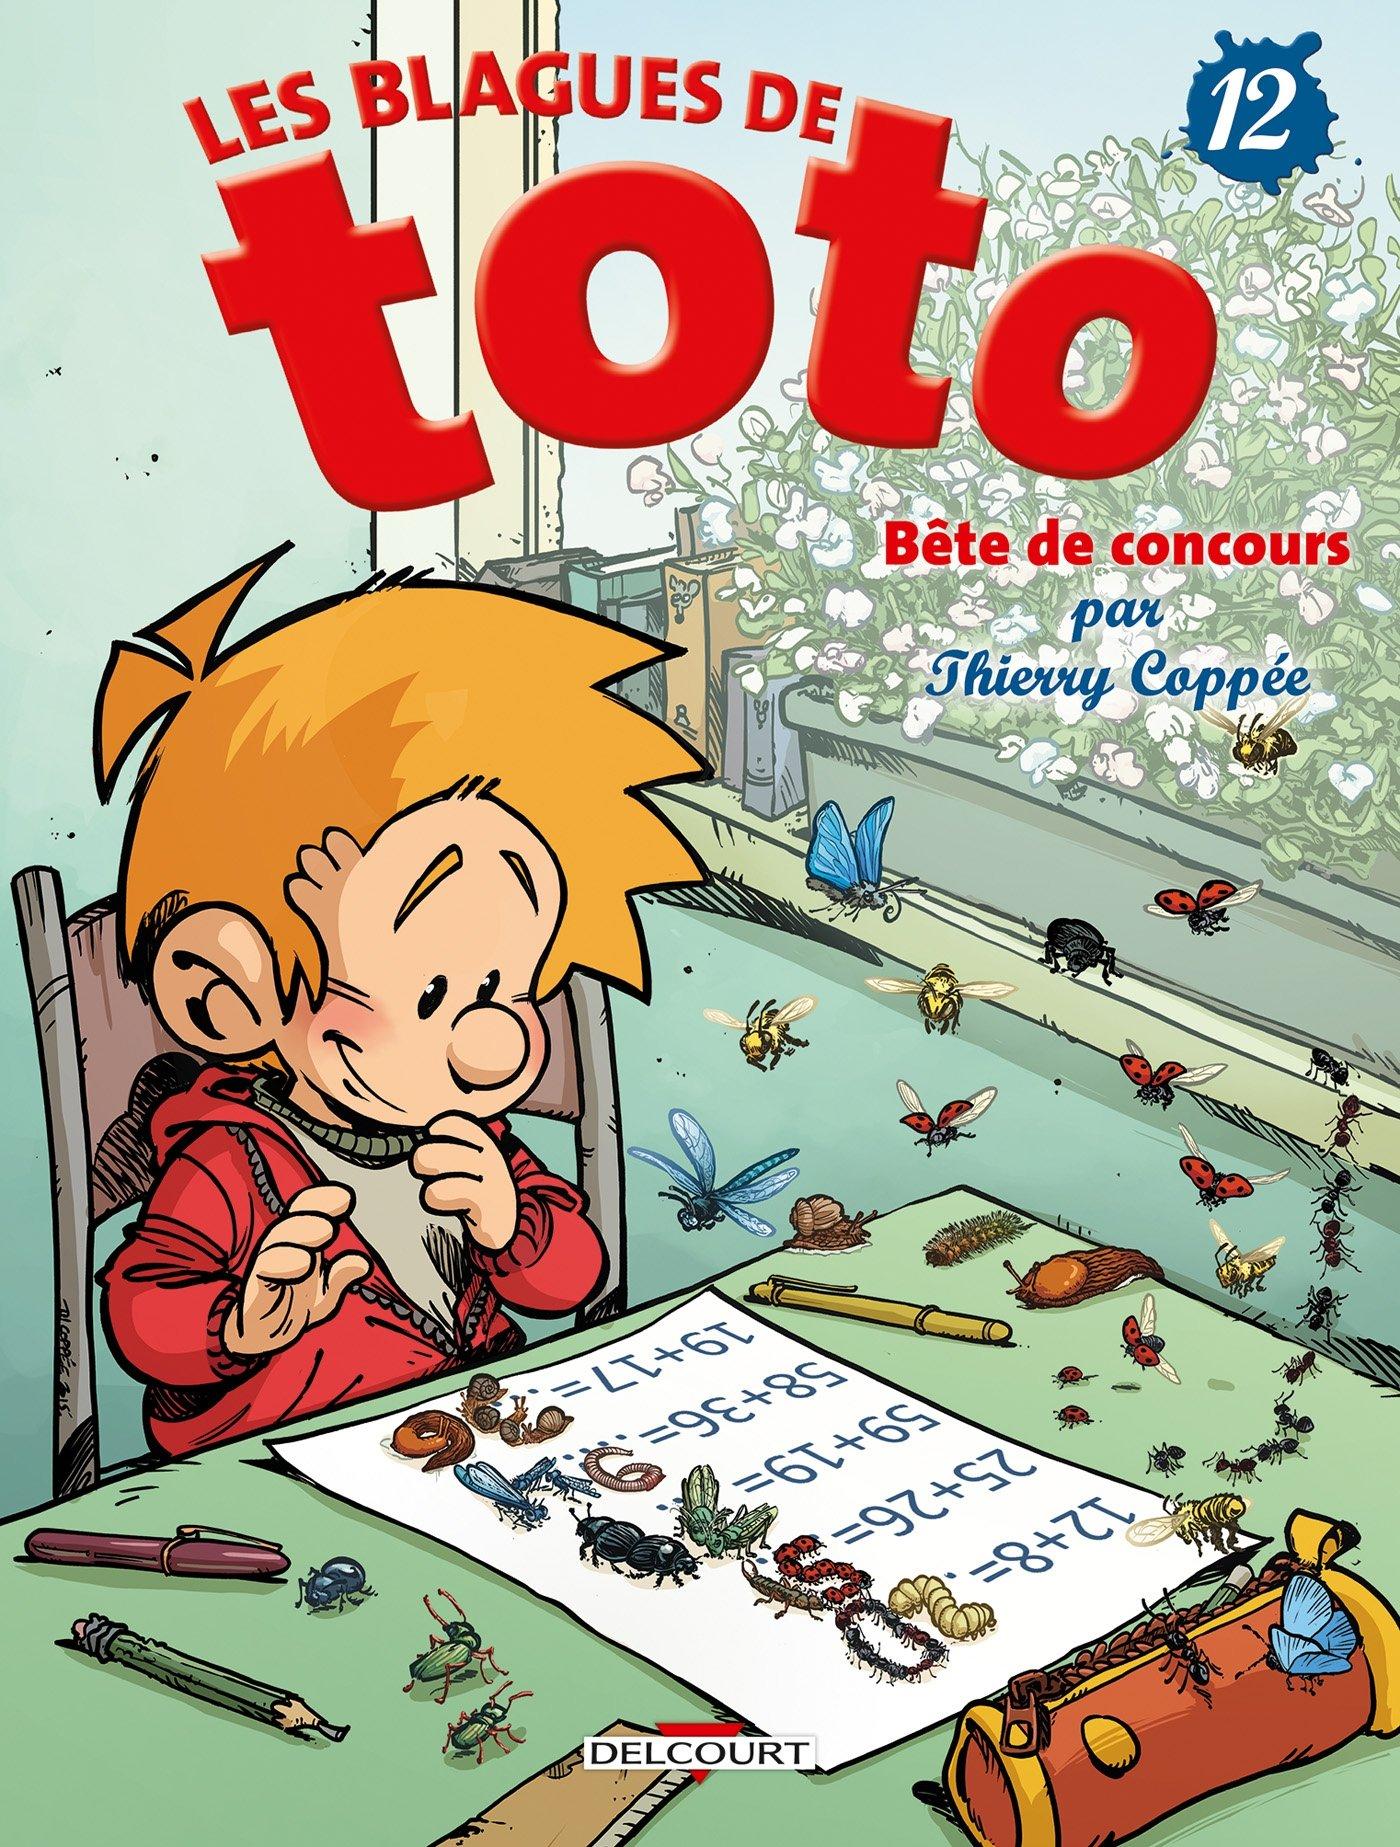 Les blagues de Toto (12) : Bête de concours